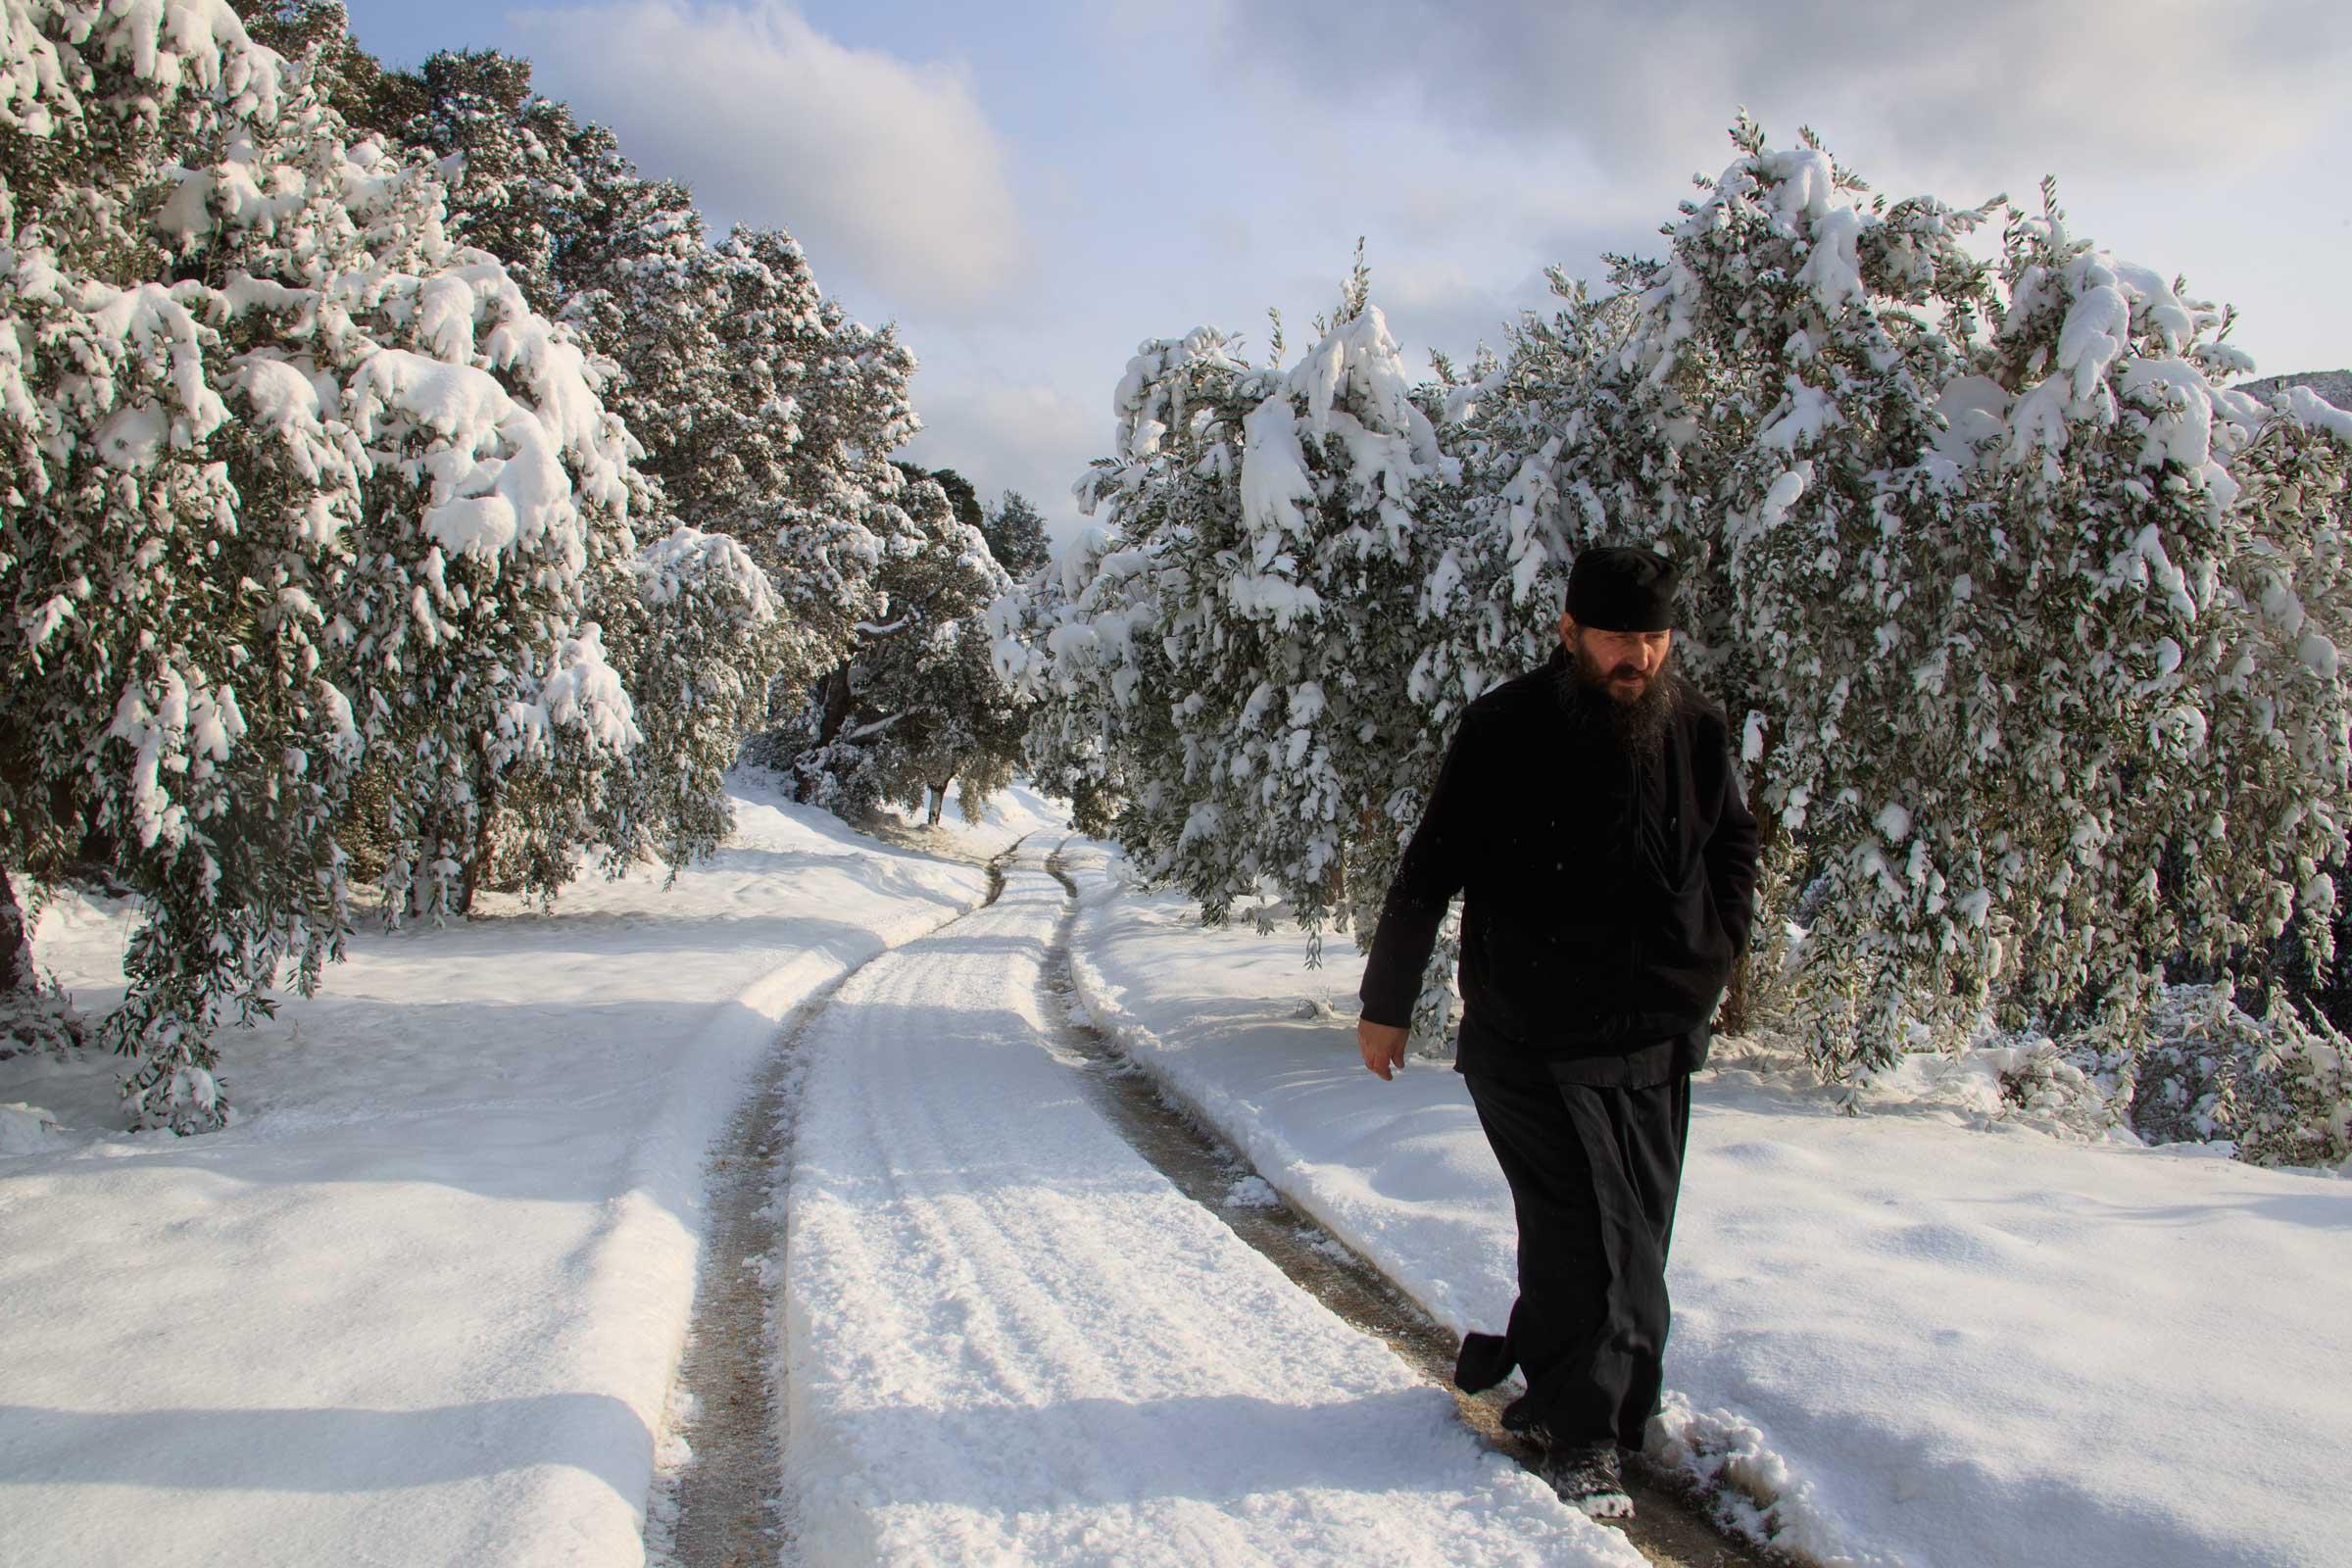 simplify life - Ascetic Experience, Vatopaidi (Vatopedi), Mount Athos, Holy Mountain